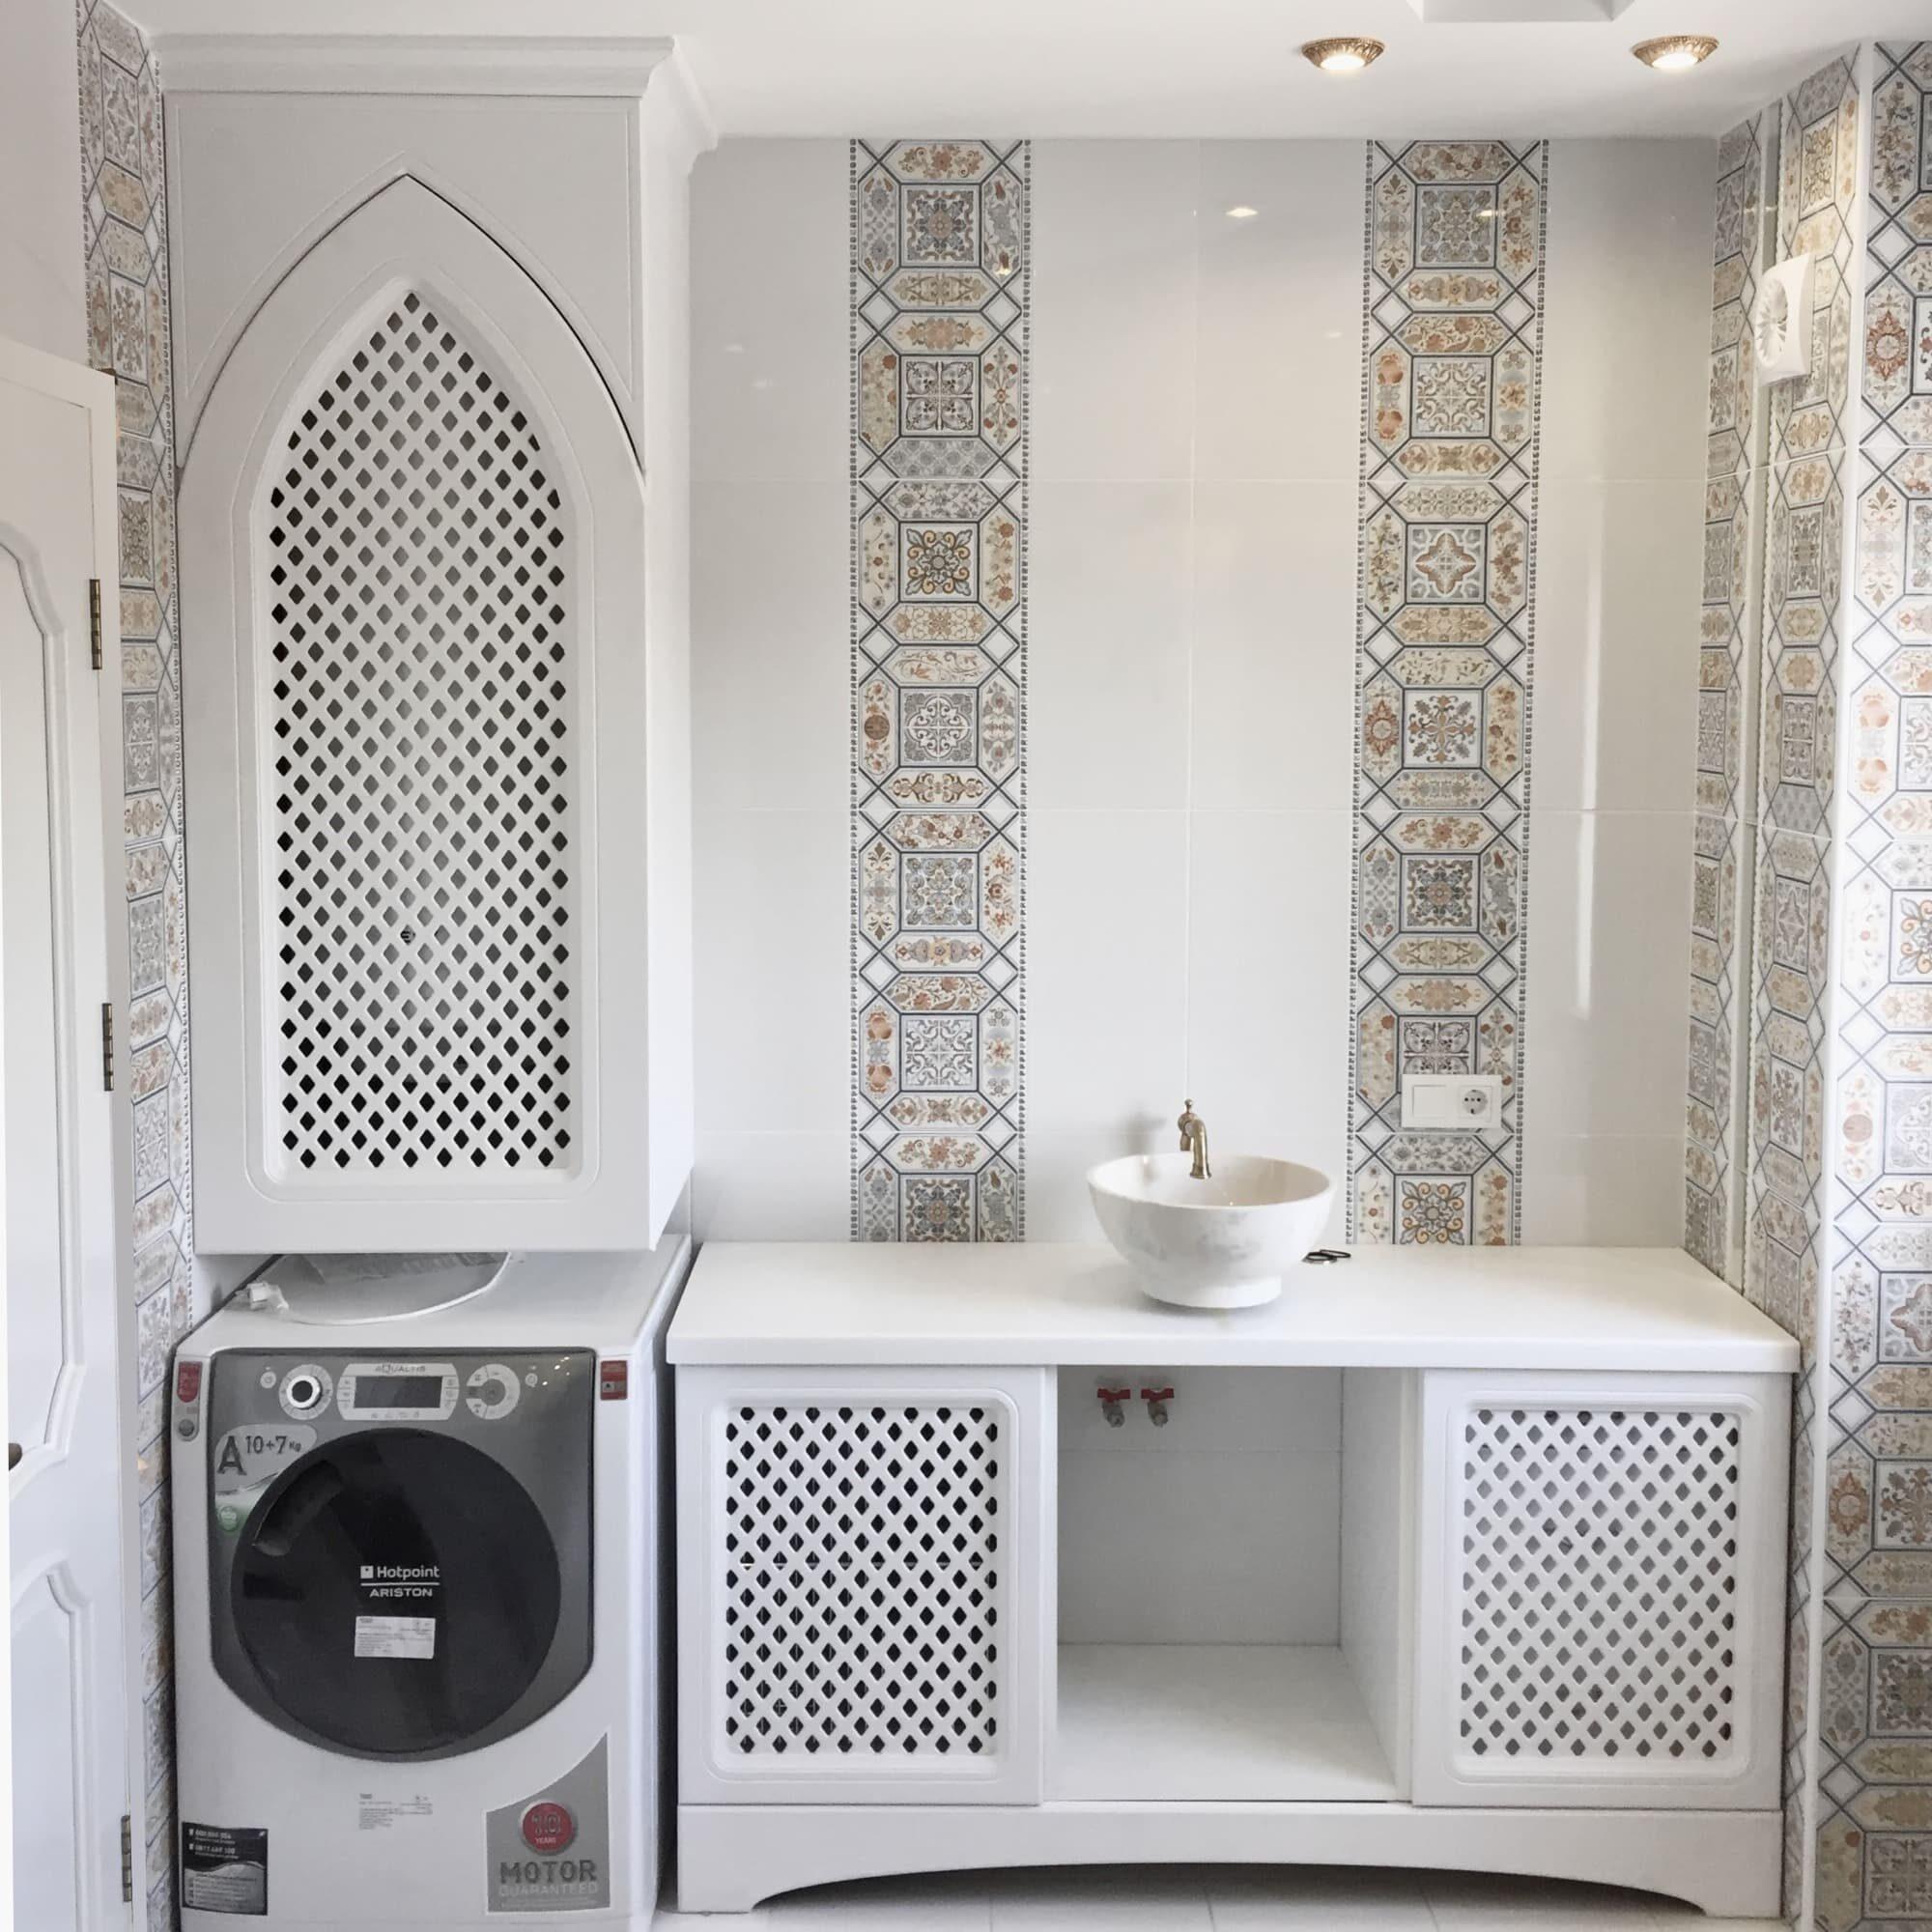 Мебель - стиральная машина в тумбе, Марокканский стиль